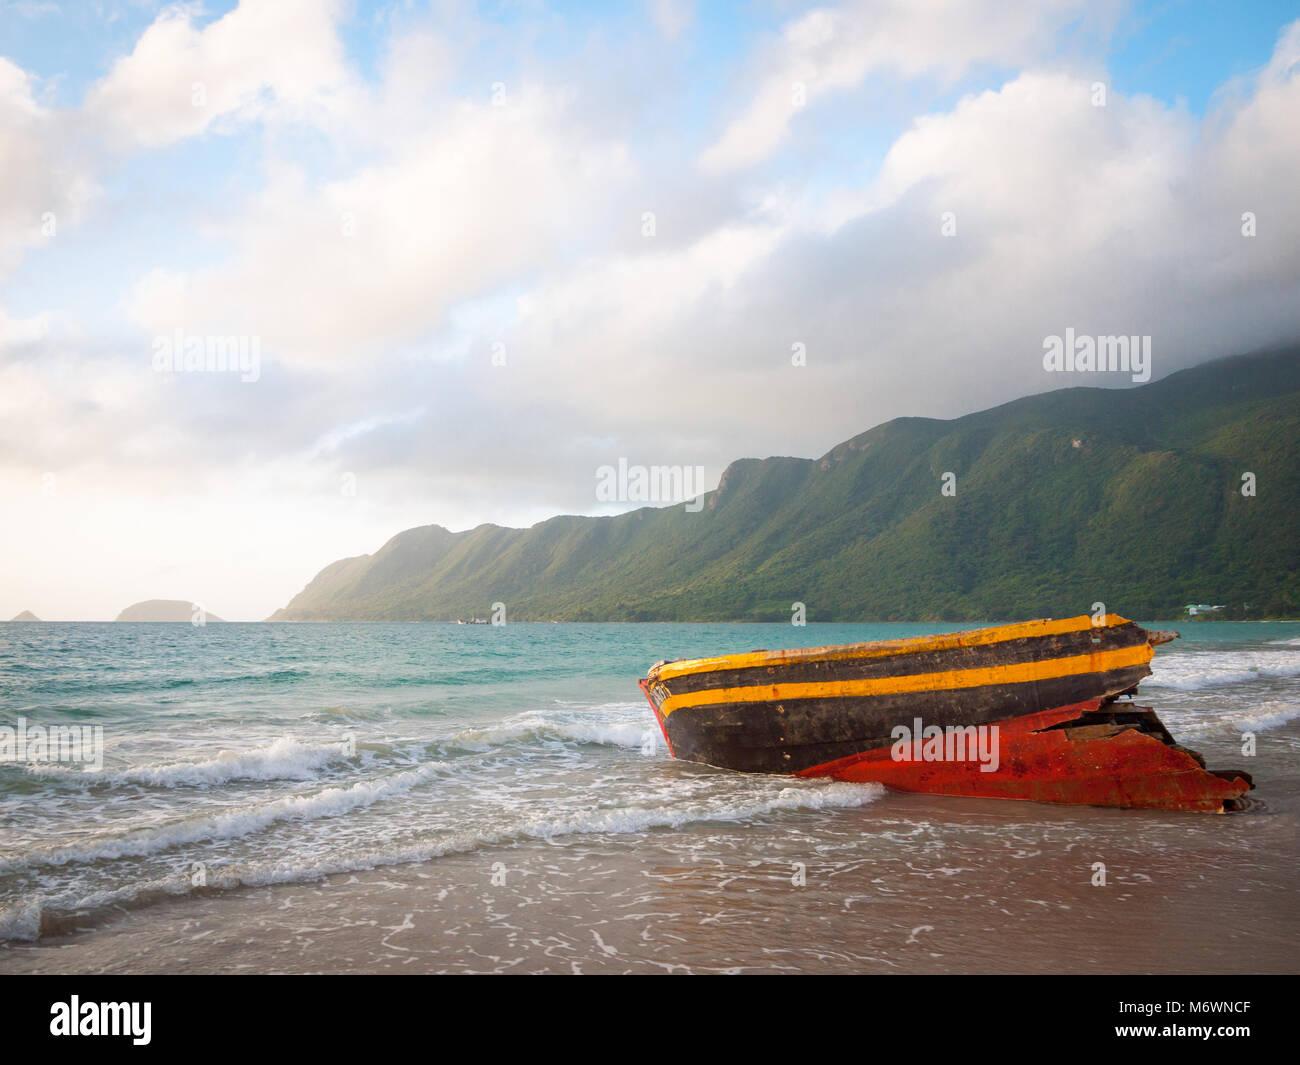 Ein Schiffswrack gewaschen an Land Bai ein Hai Strand auf Con Son Insel, Con Dao Inseln (Con Dao Archipel), Vietnam. Stockbild